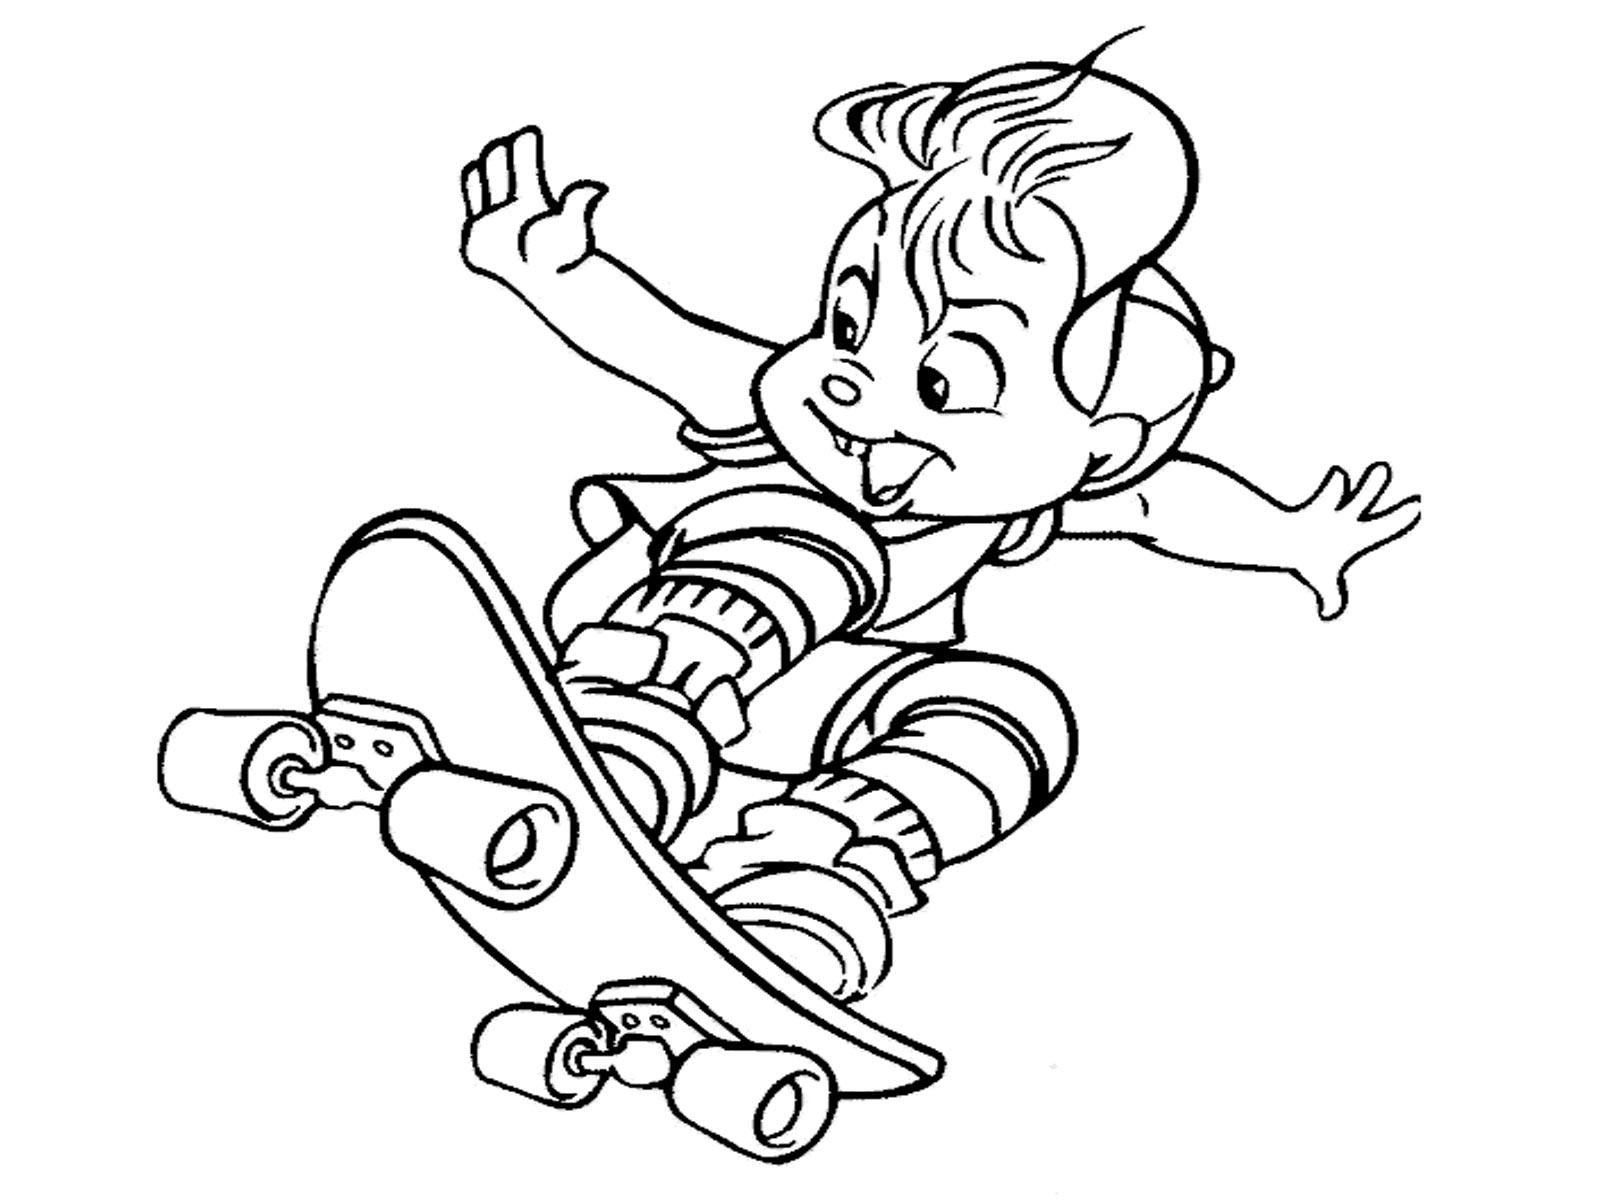 Alvin Et Les Chipmunks #72 (Films D'animation) – Coloriages concernant Dessin De Alvin Et Les Chipmunks